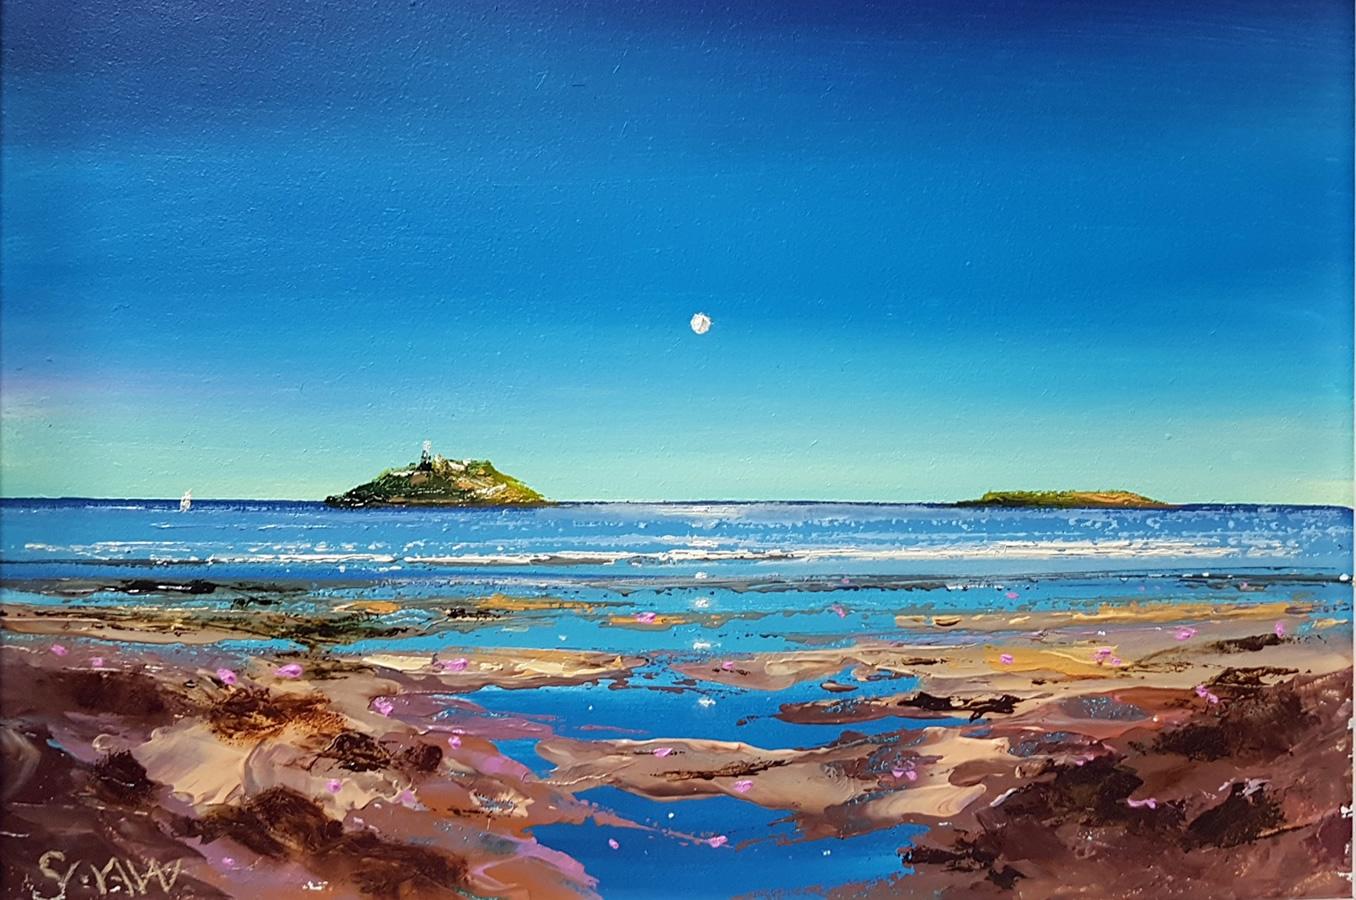 Ballycotten Moon - Robert Shaw